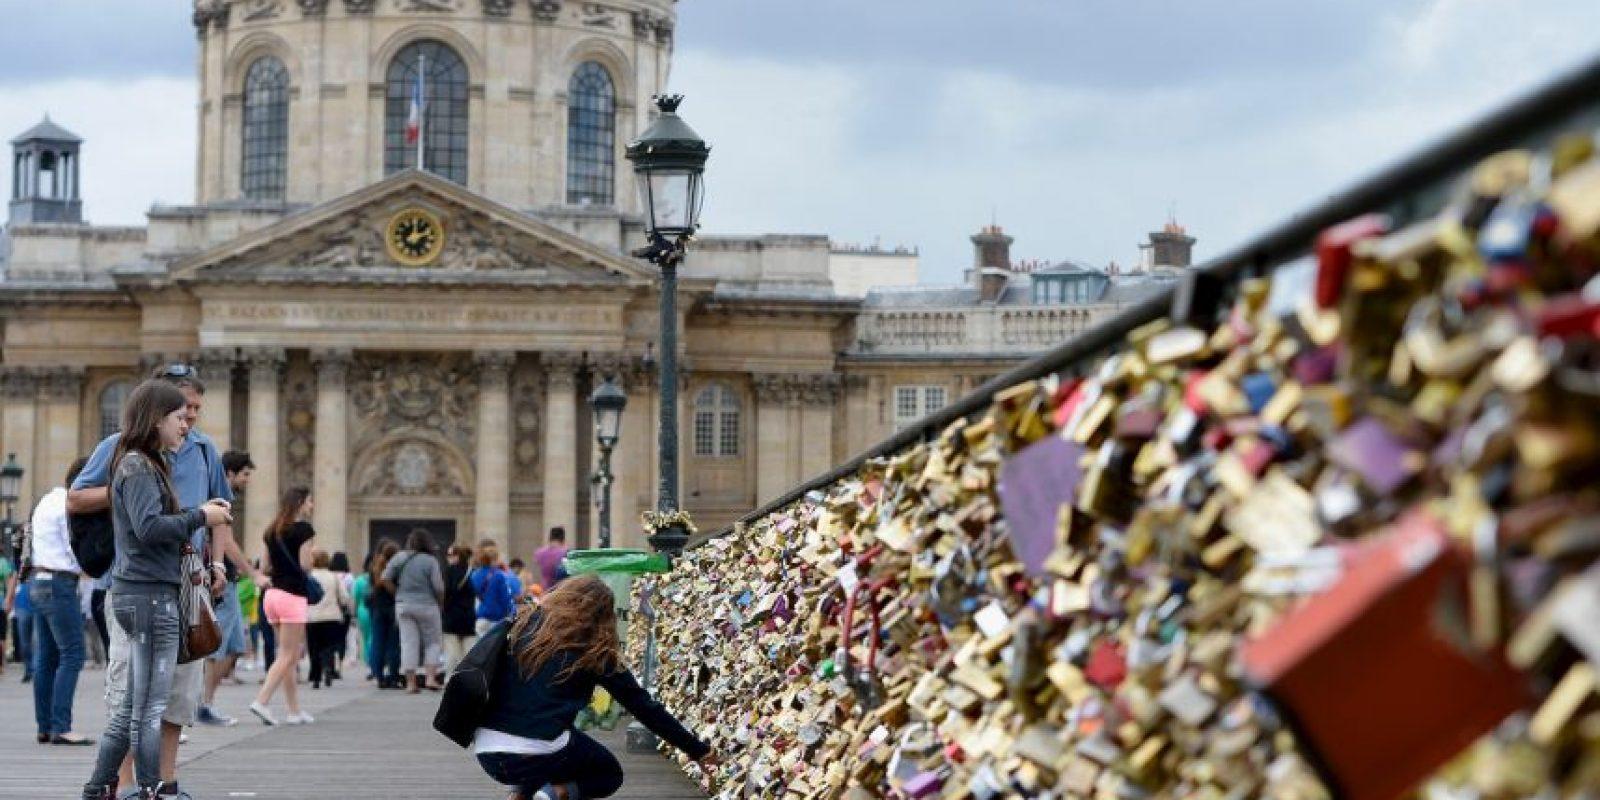 Representan una degradación del patrimonio y un riesgo para la seguridad de los visitantes, parisinos y turistas. Foto:Getty Images